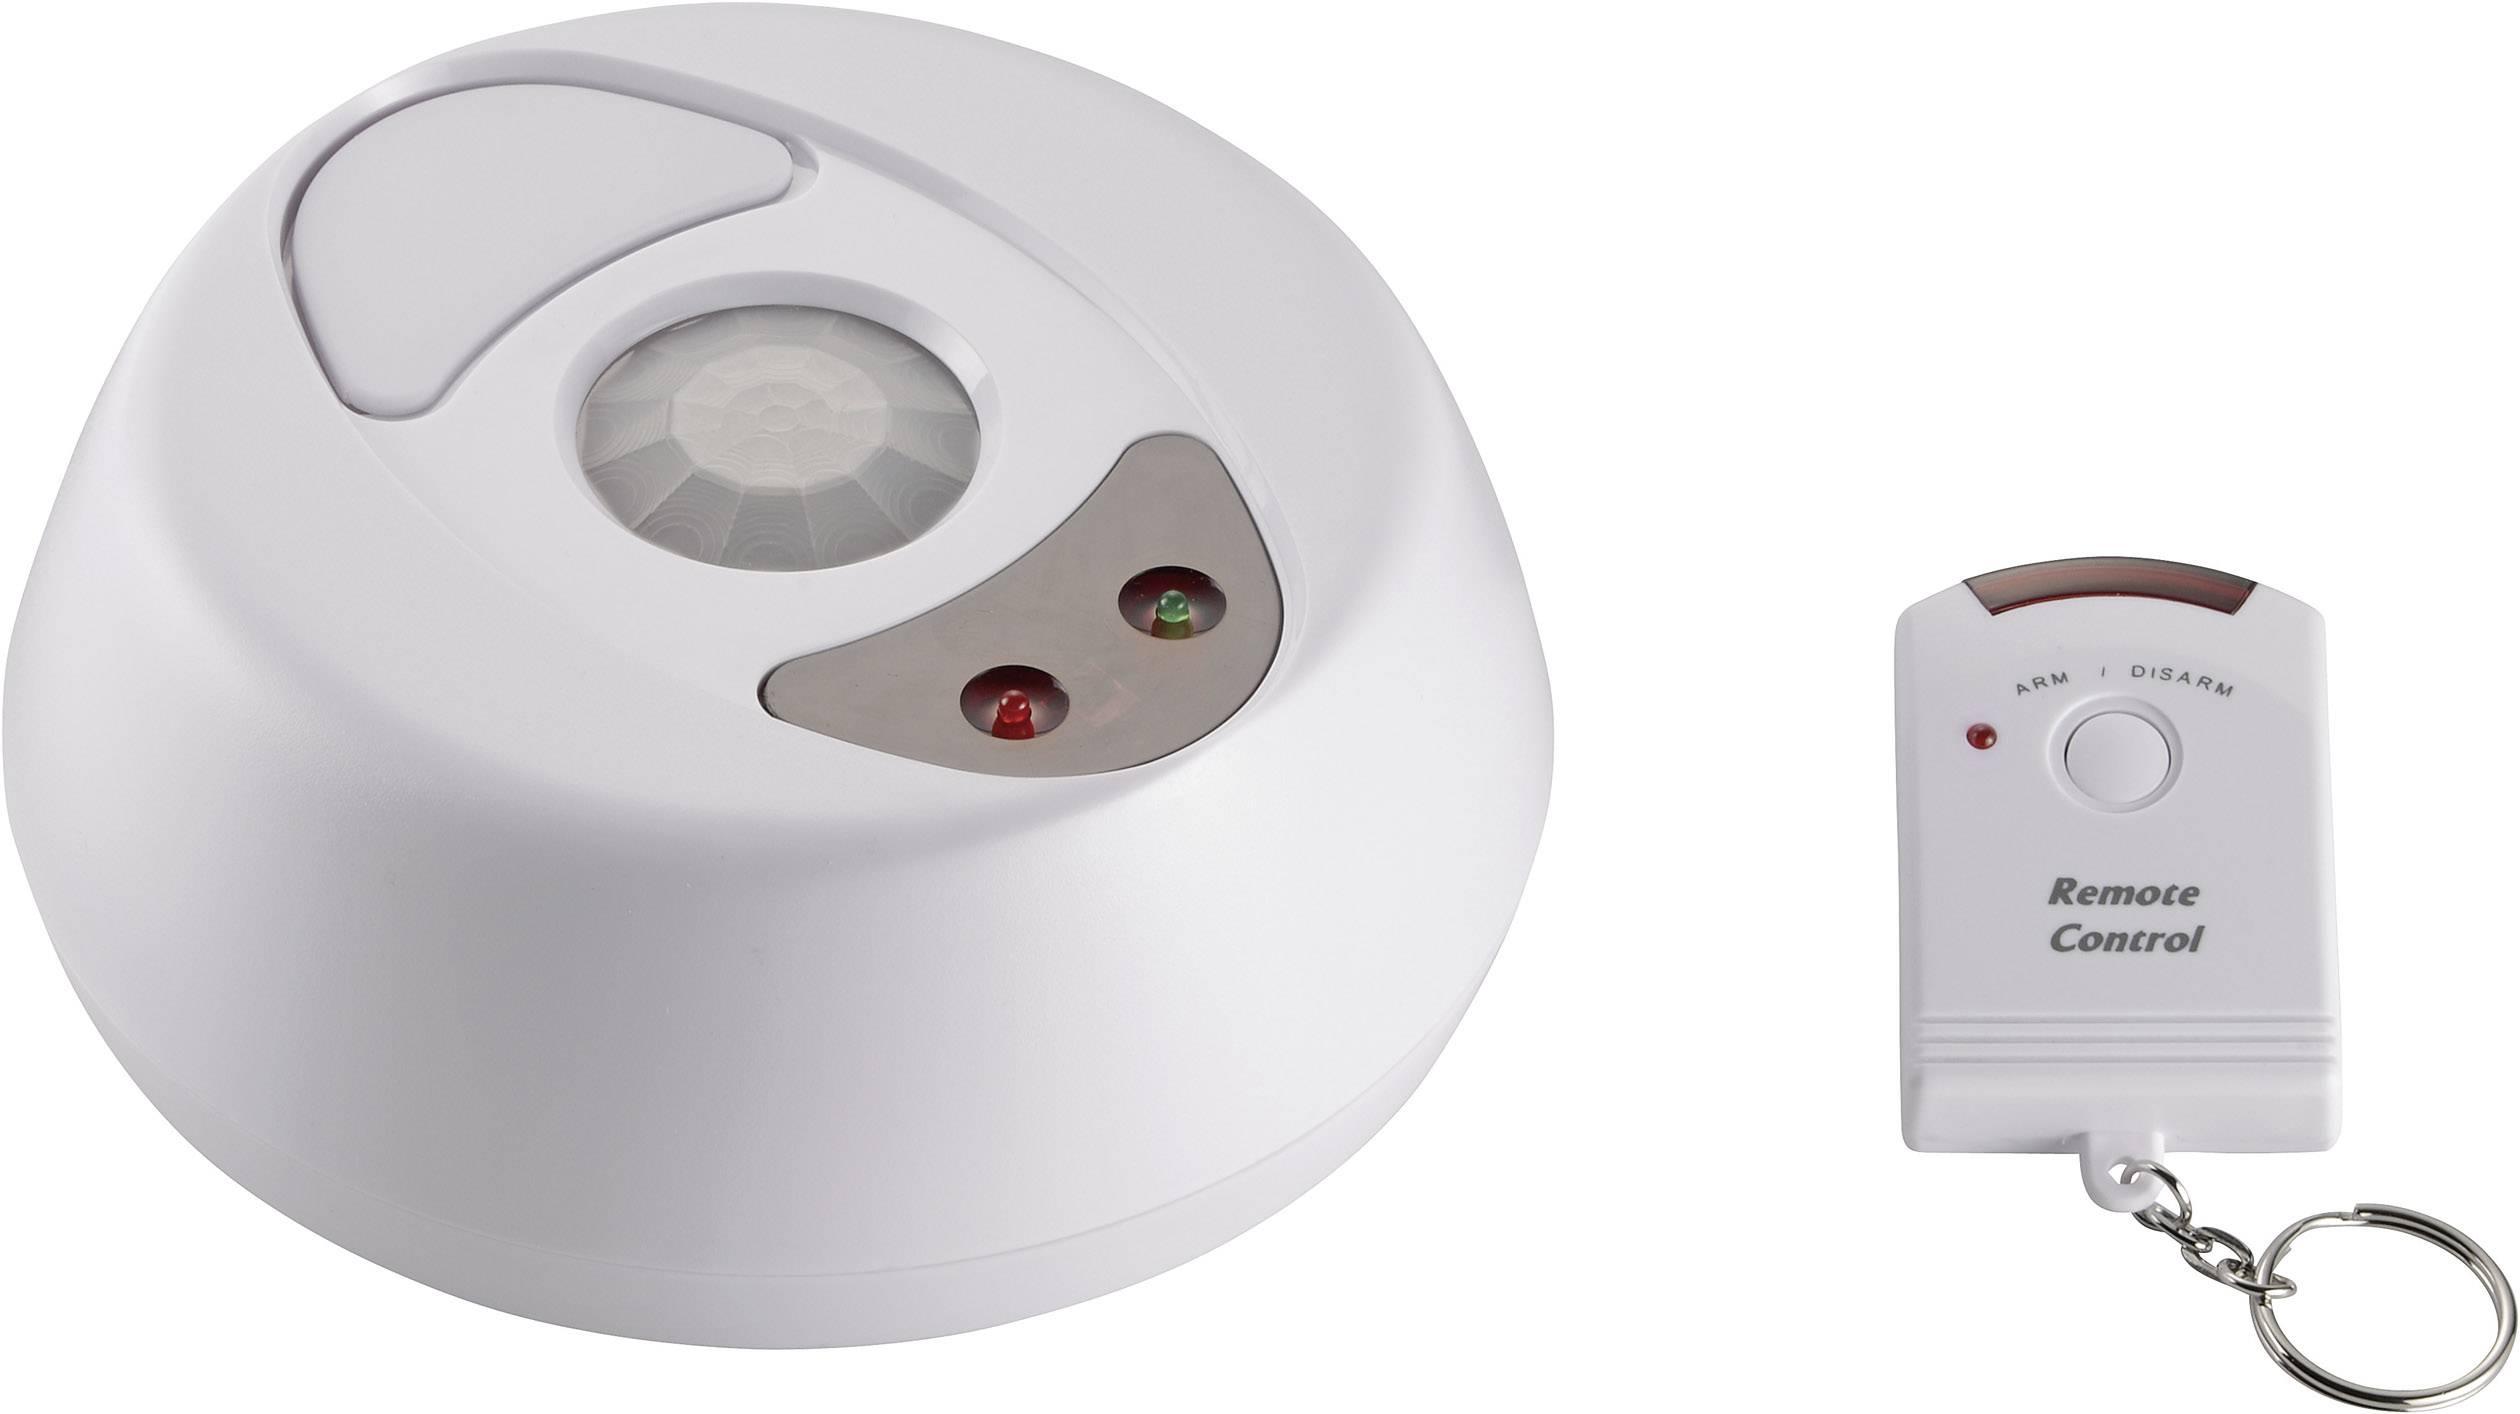 Stropný alarm 360° s diaľkovým ovládaním